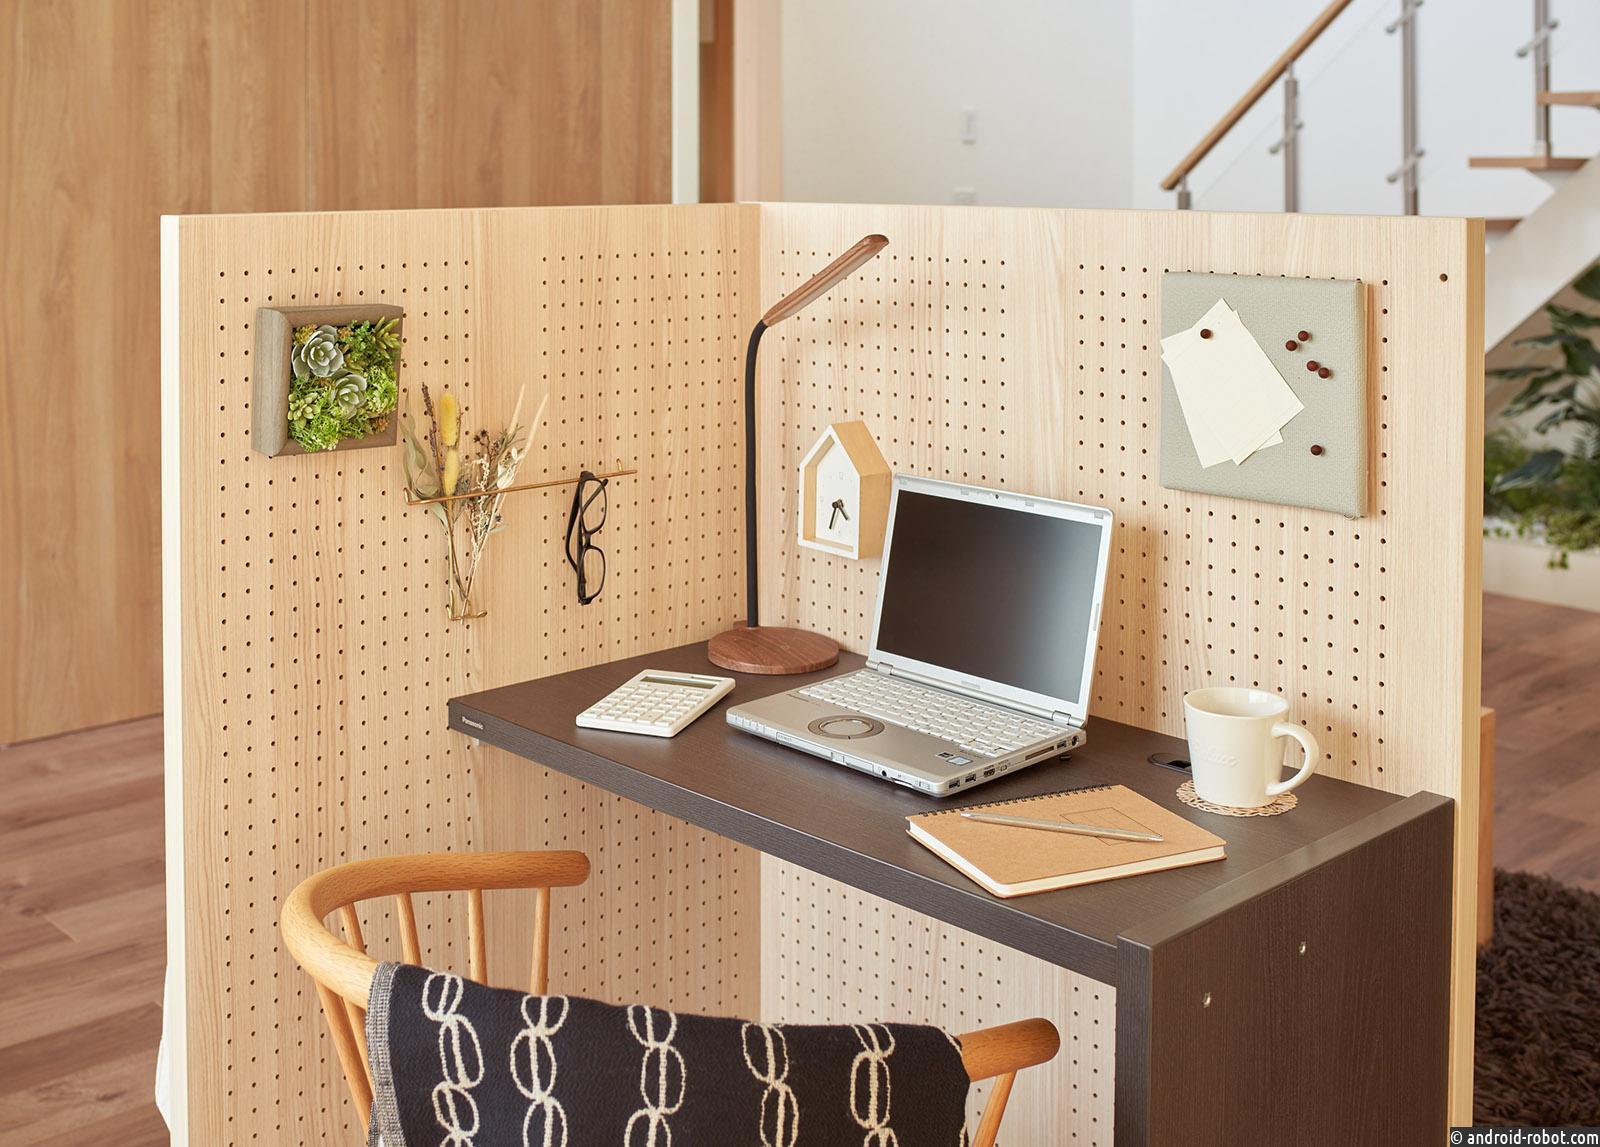 Panasonic разработал рабочее место-конструктор для удаленной работы